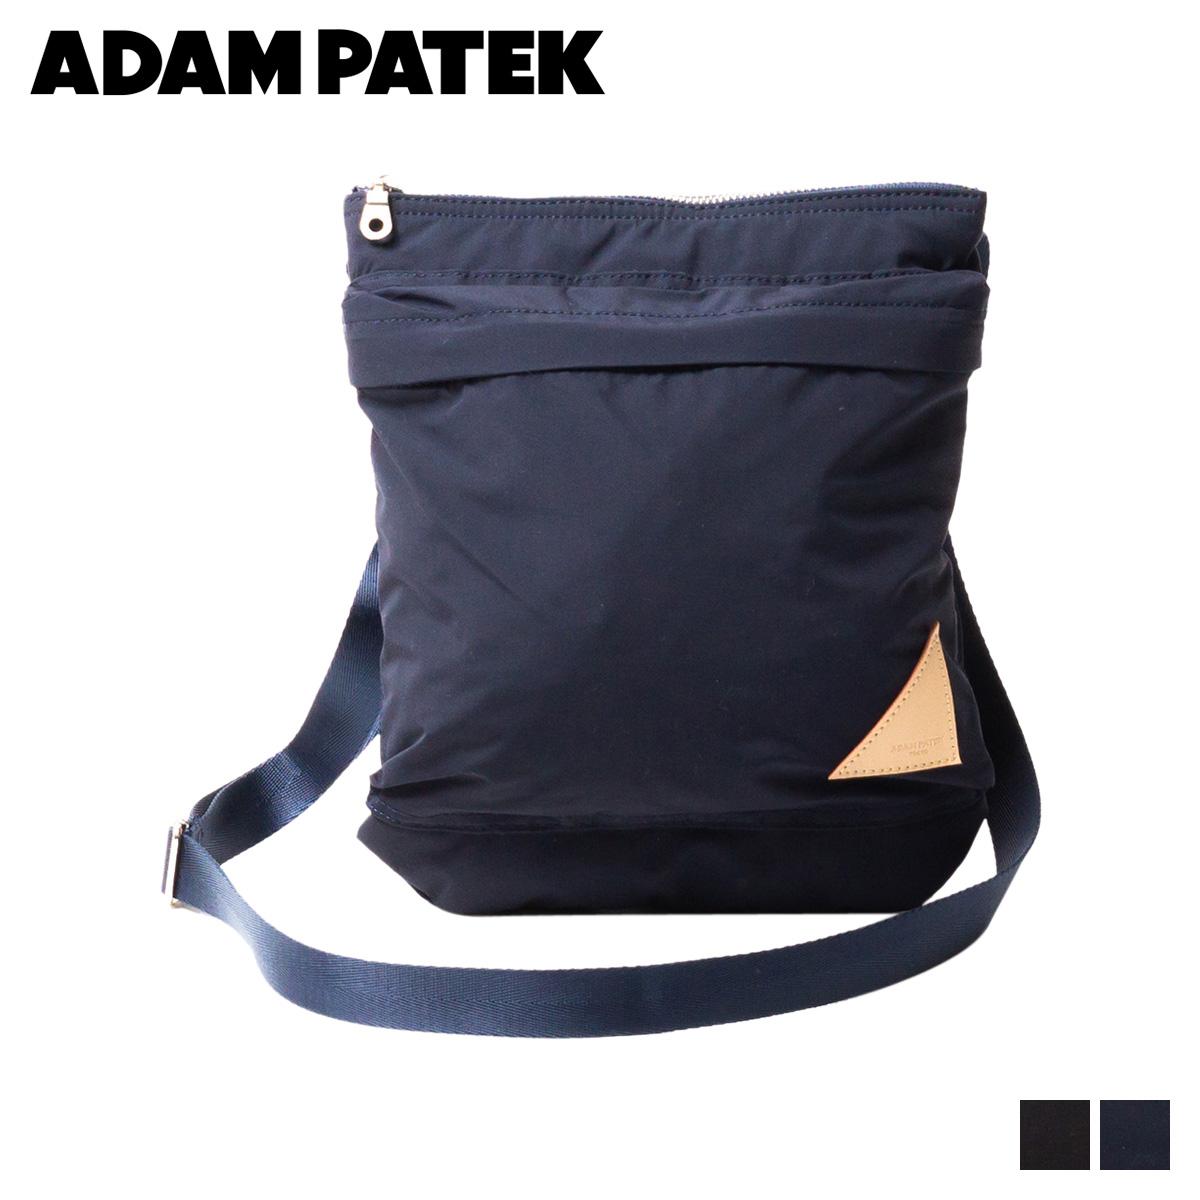 ADAM PATEK LAKE BREATHATEC SHOULDERBAG アダムパテック バッグ ショルダーバッグ メンズ レディース ブラック ネイビー 黒 AMPK-B062